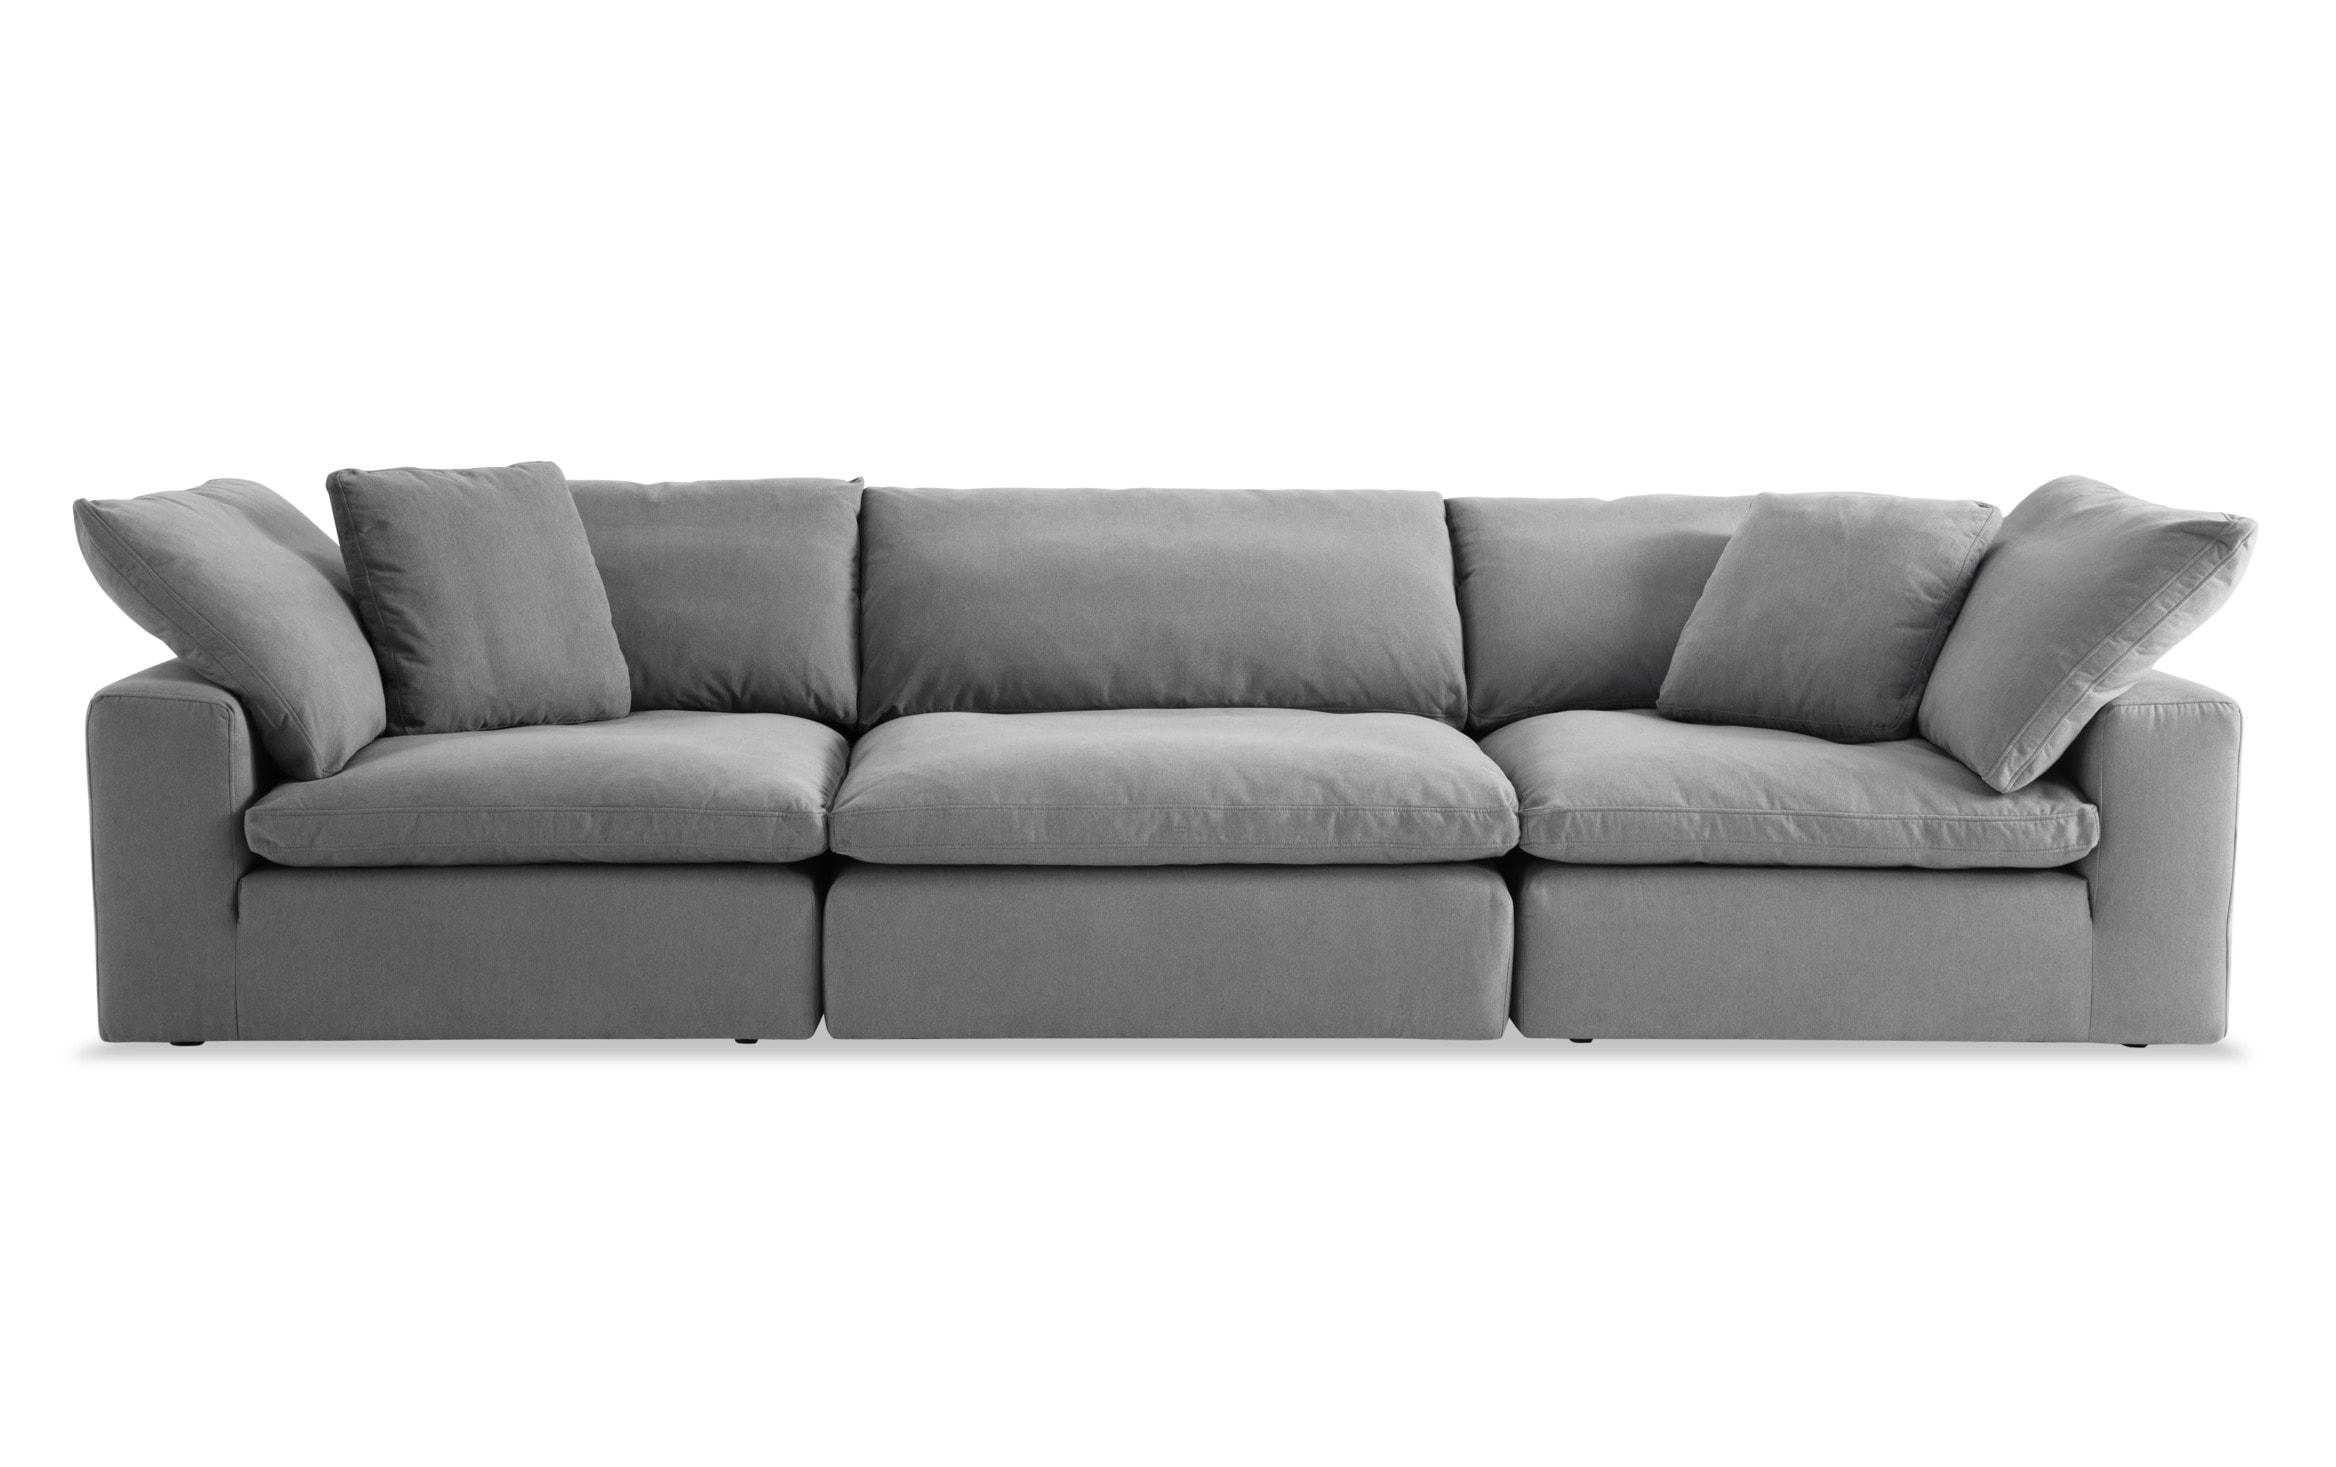 Dream Gray Modular Sofa Bobs